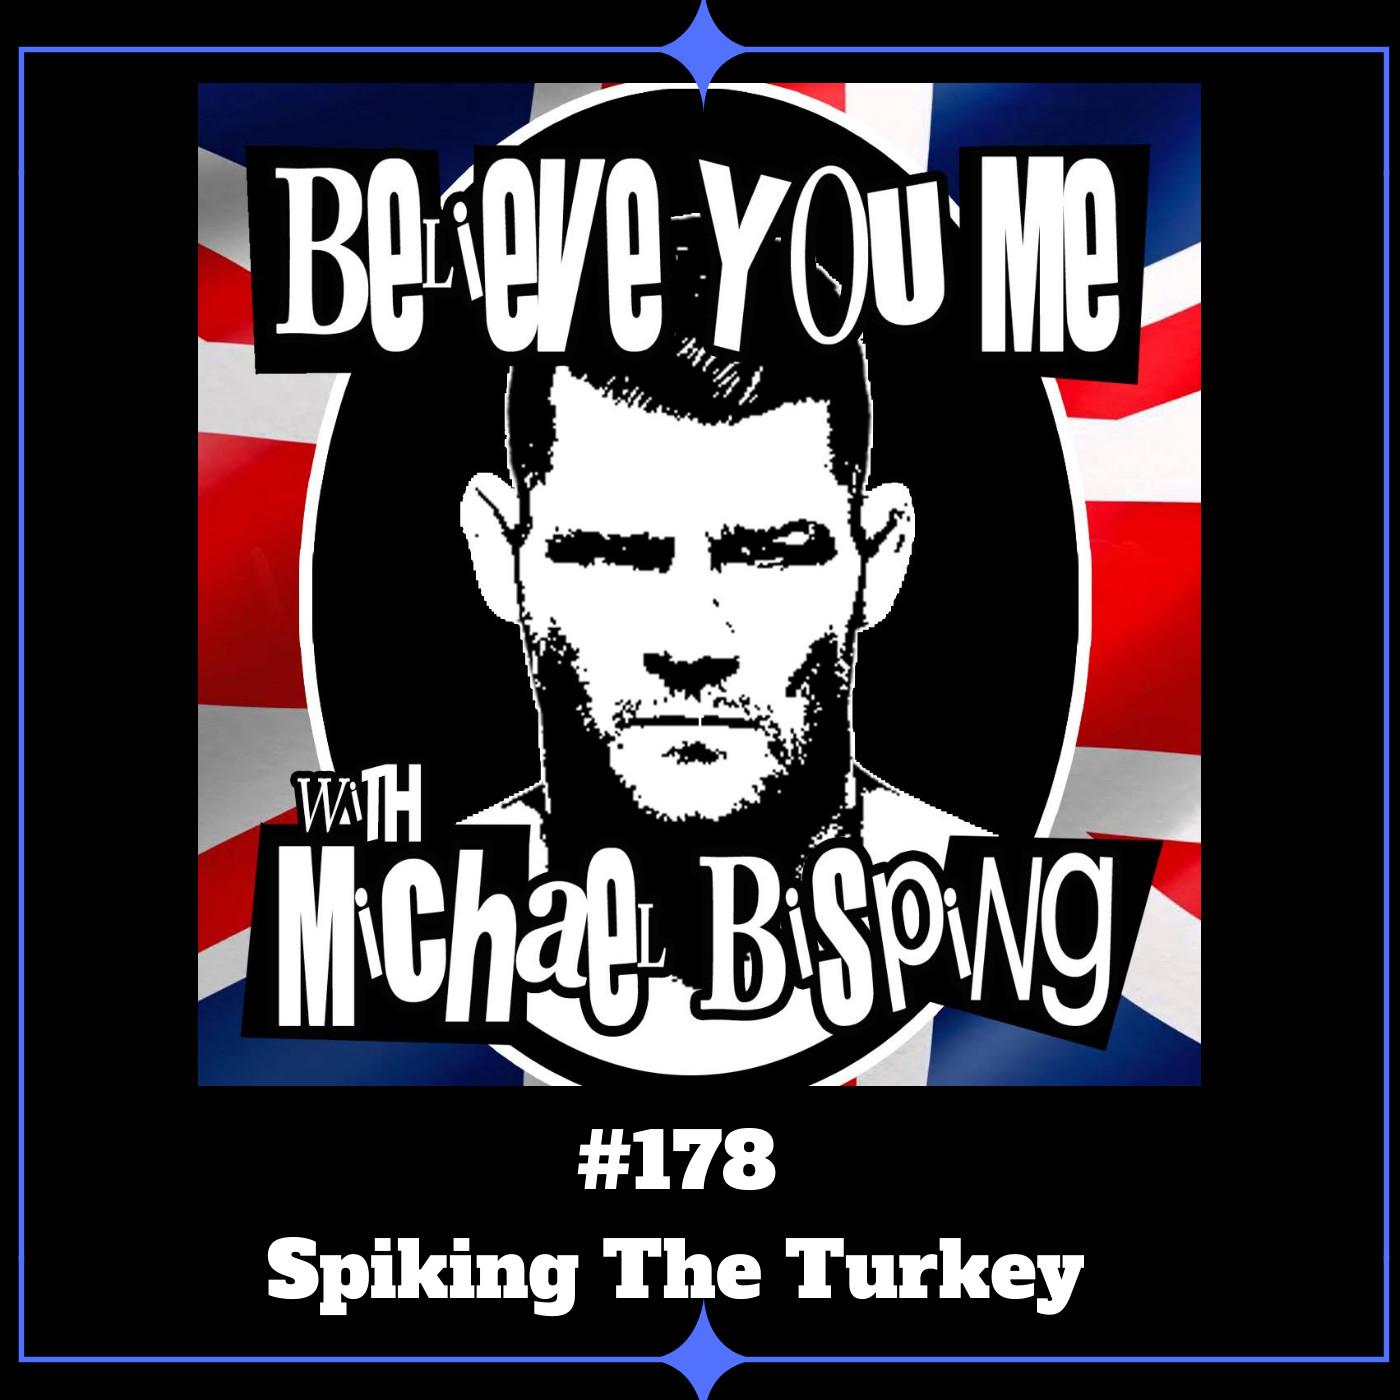 178 - Spiking The Turkey